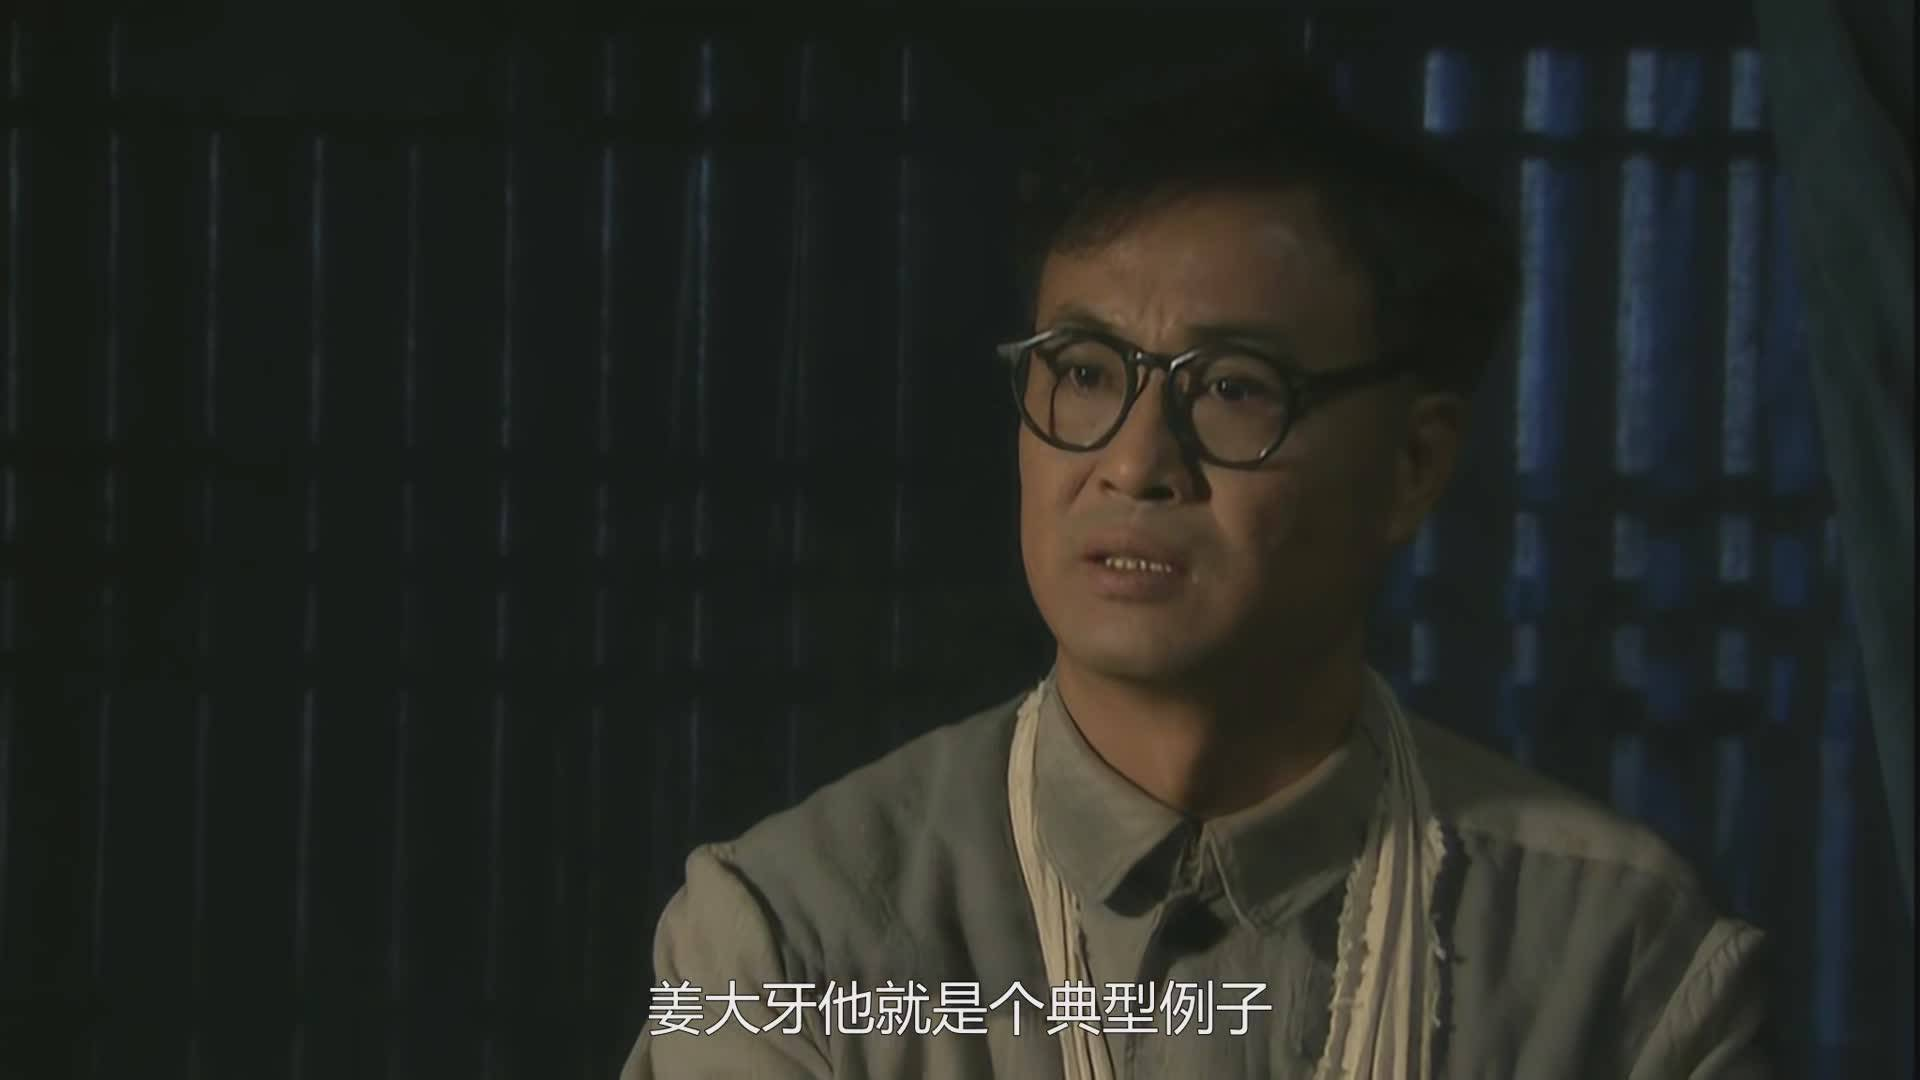 《历史的天空》精讲第二回:姜大牙挨批,陈墨涵正式加入七十九军